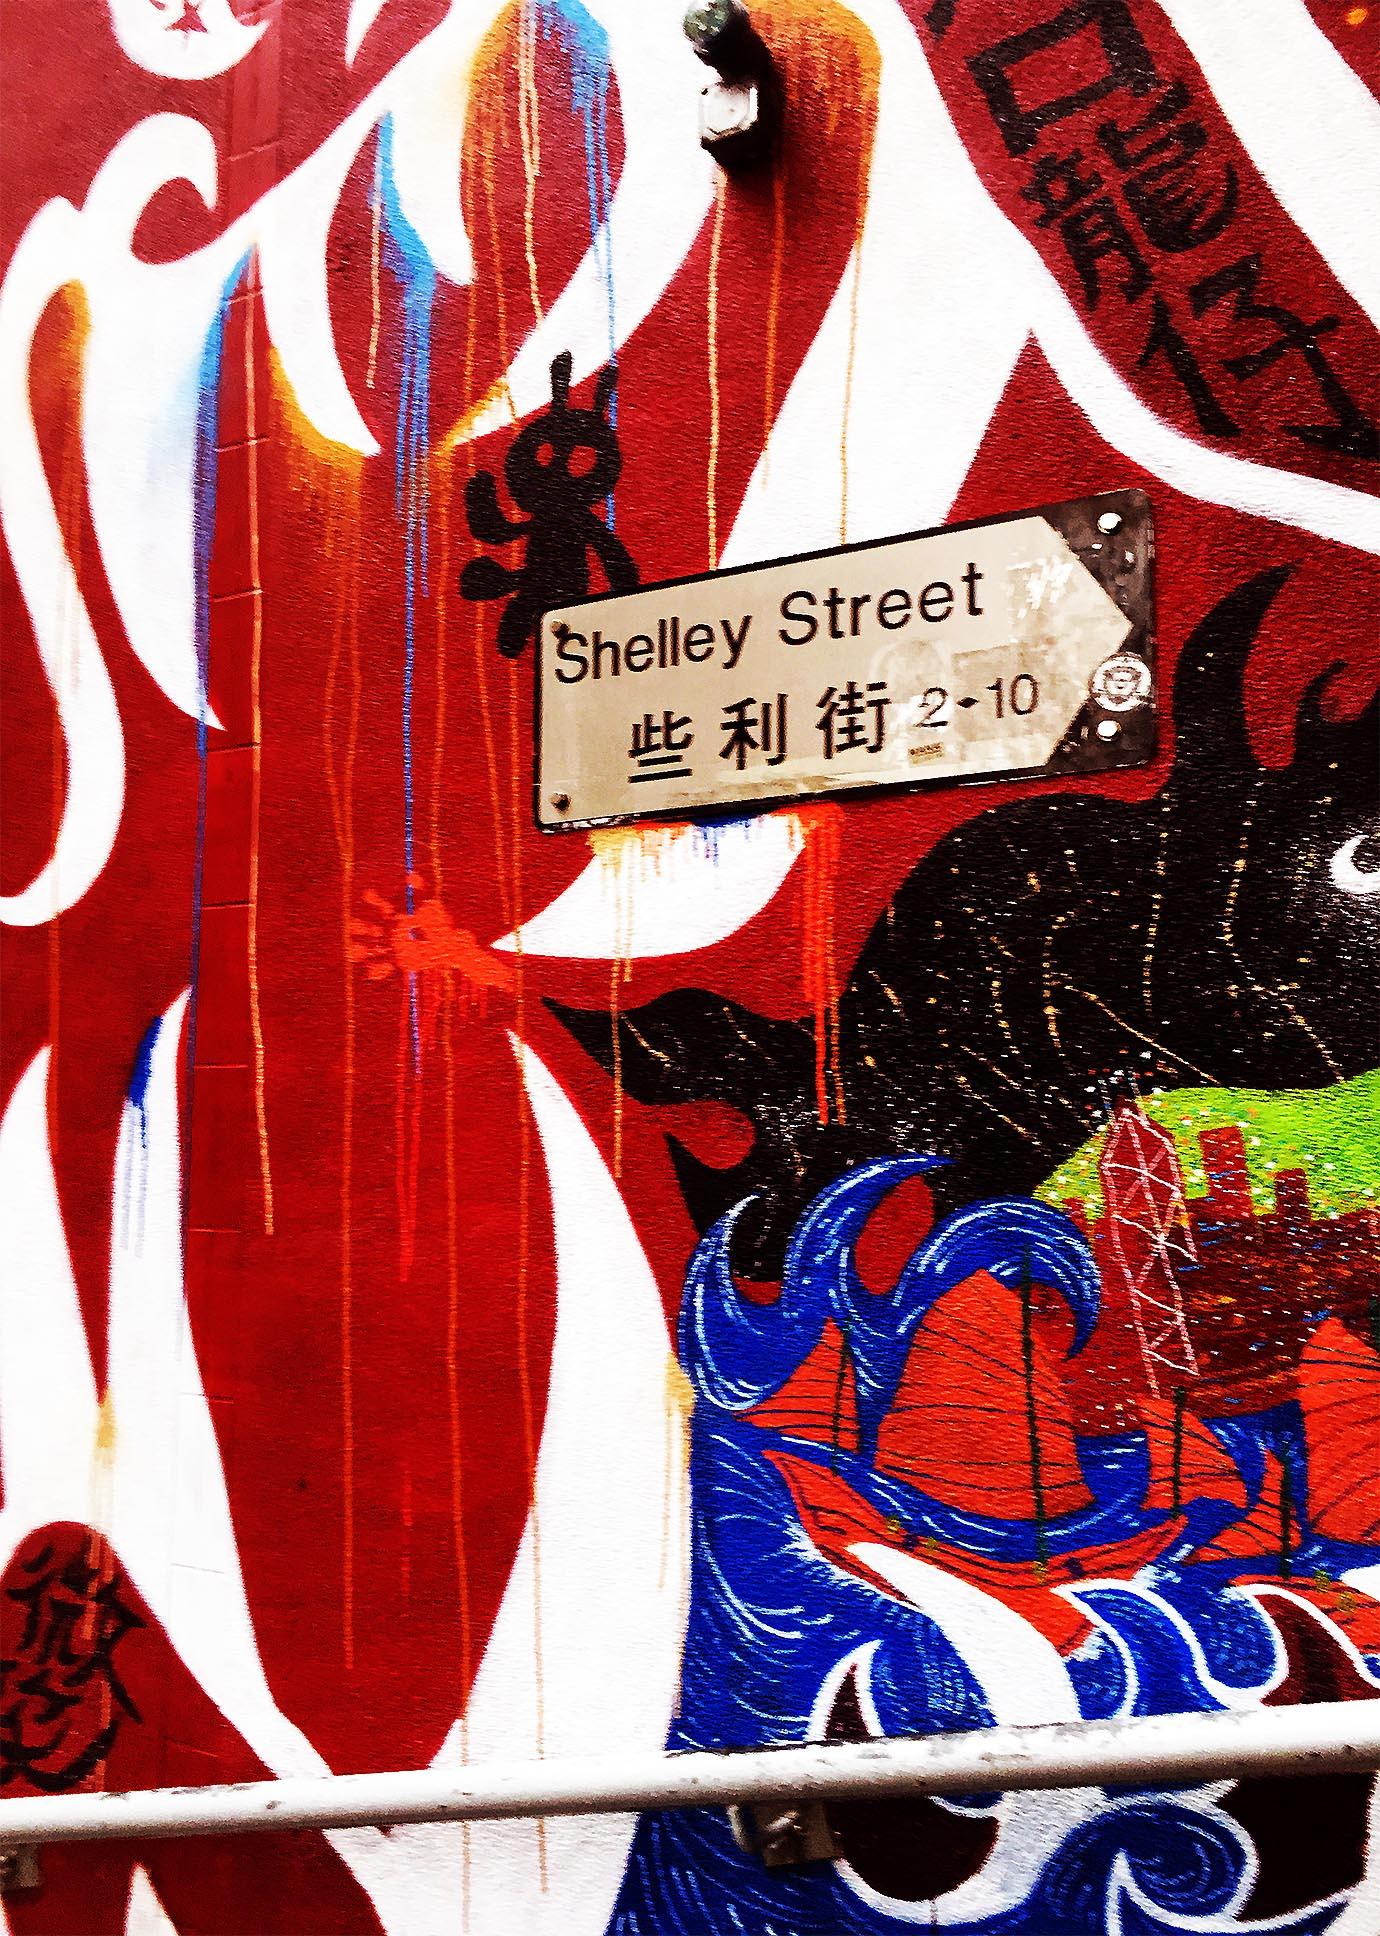 hongkong-old-town-central20